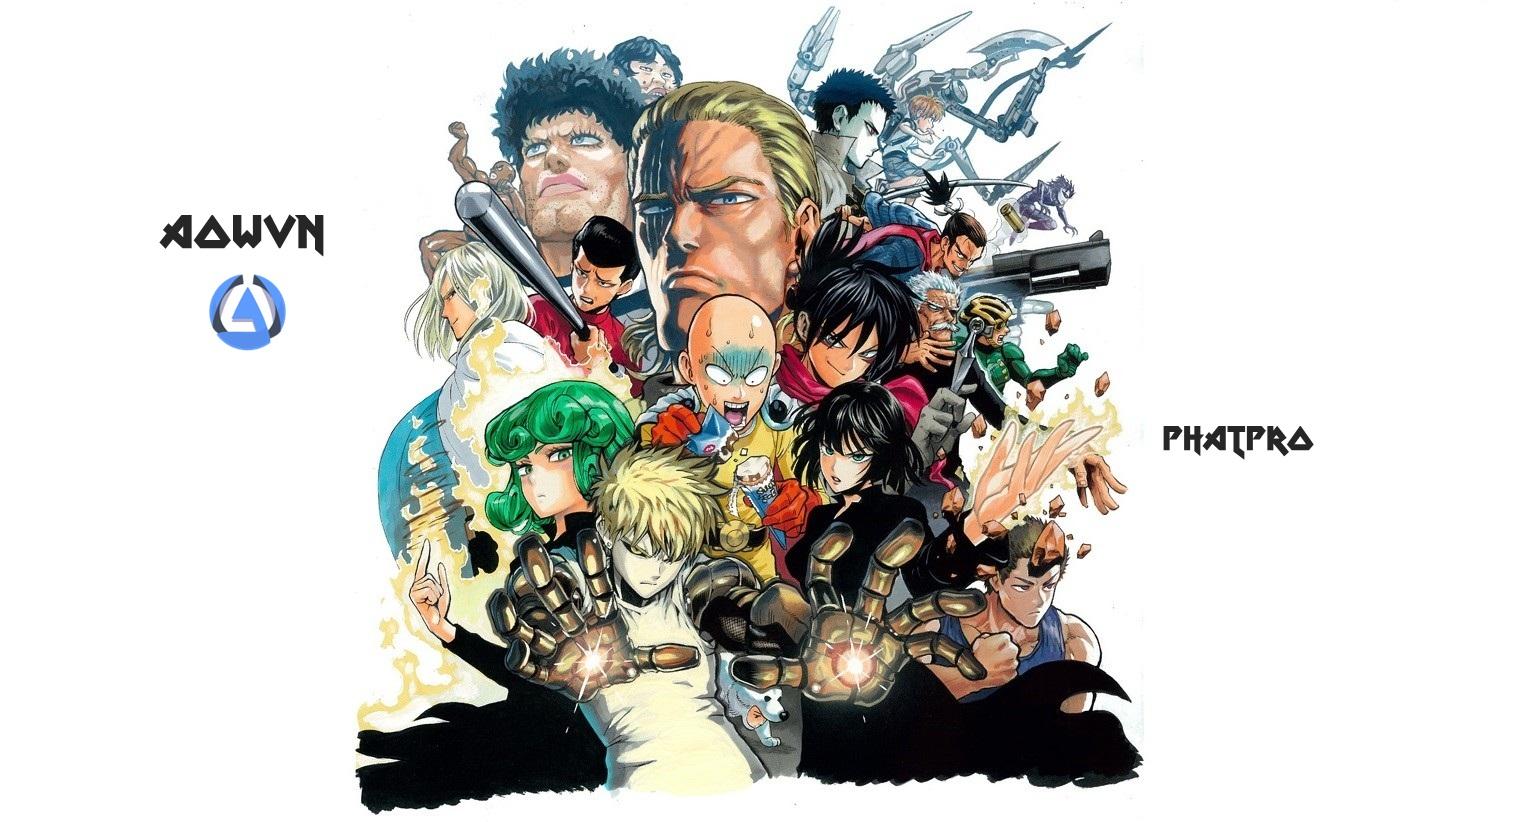 OPM%2B %2BPhatpro%2B%25281%2529 - [ Anime Mp4 ] One Punch Man SS2 | Vietsub - Siêu Phẩm Tái Xuất - Hay Miễn Chê